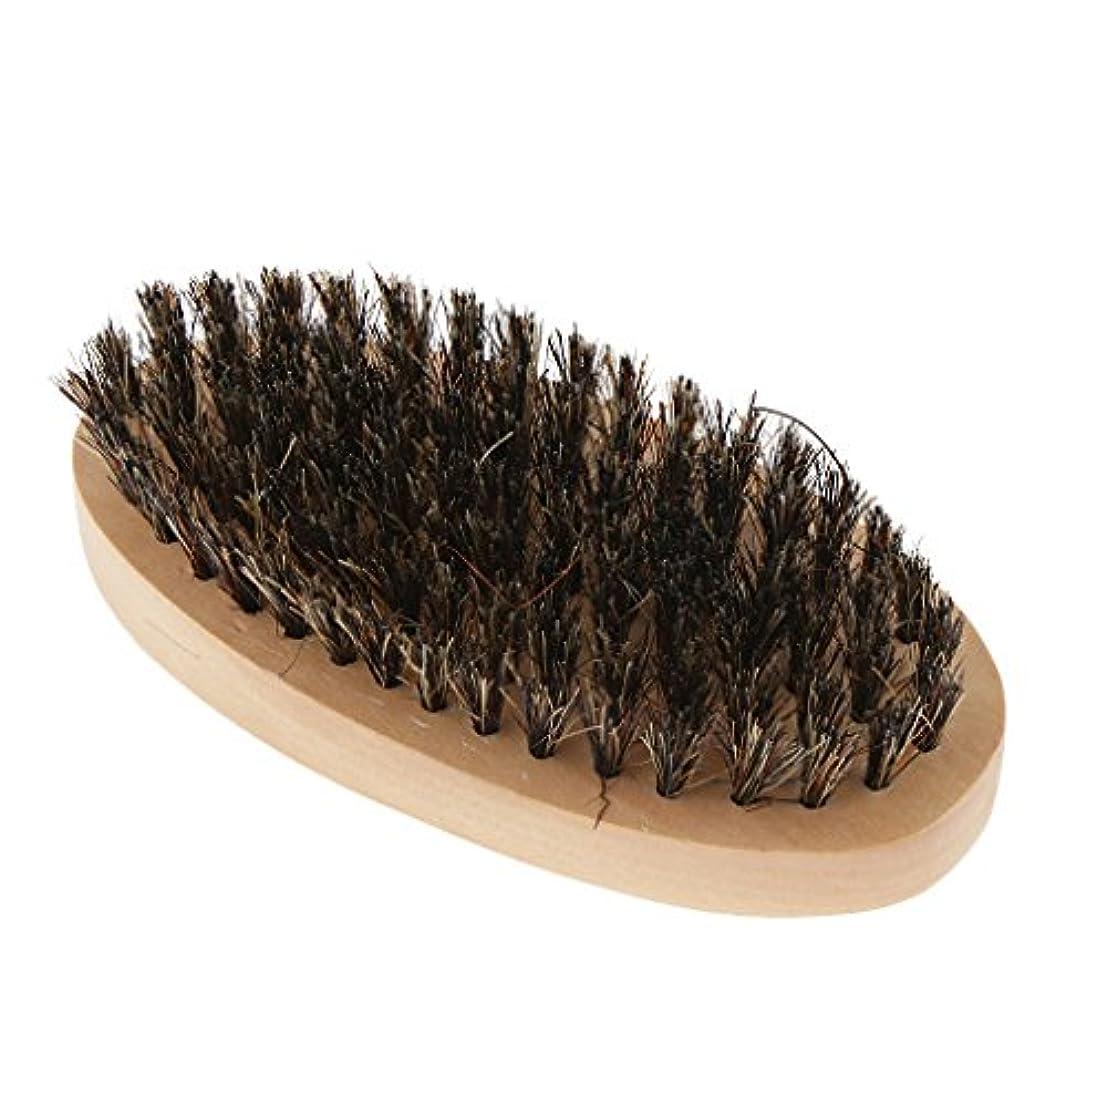 必要としている時侵入するKesoto ビアードブラシ 男性 ひげブラシ 口ひげ 整髪スタイリング 木製のハンドル